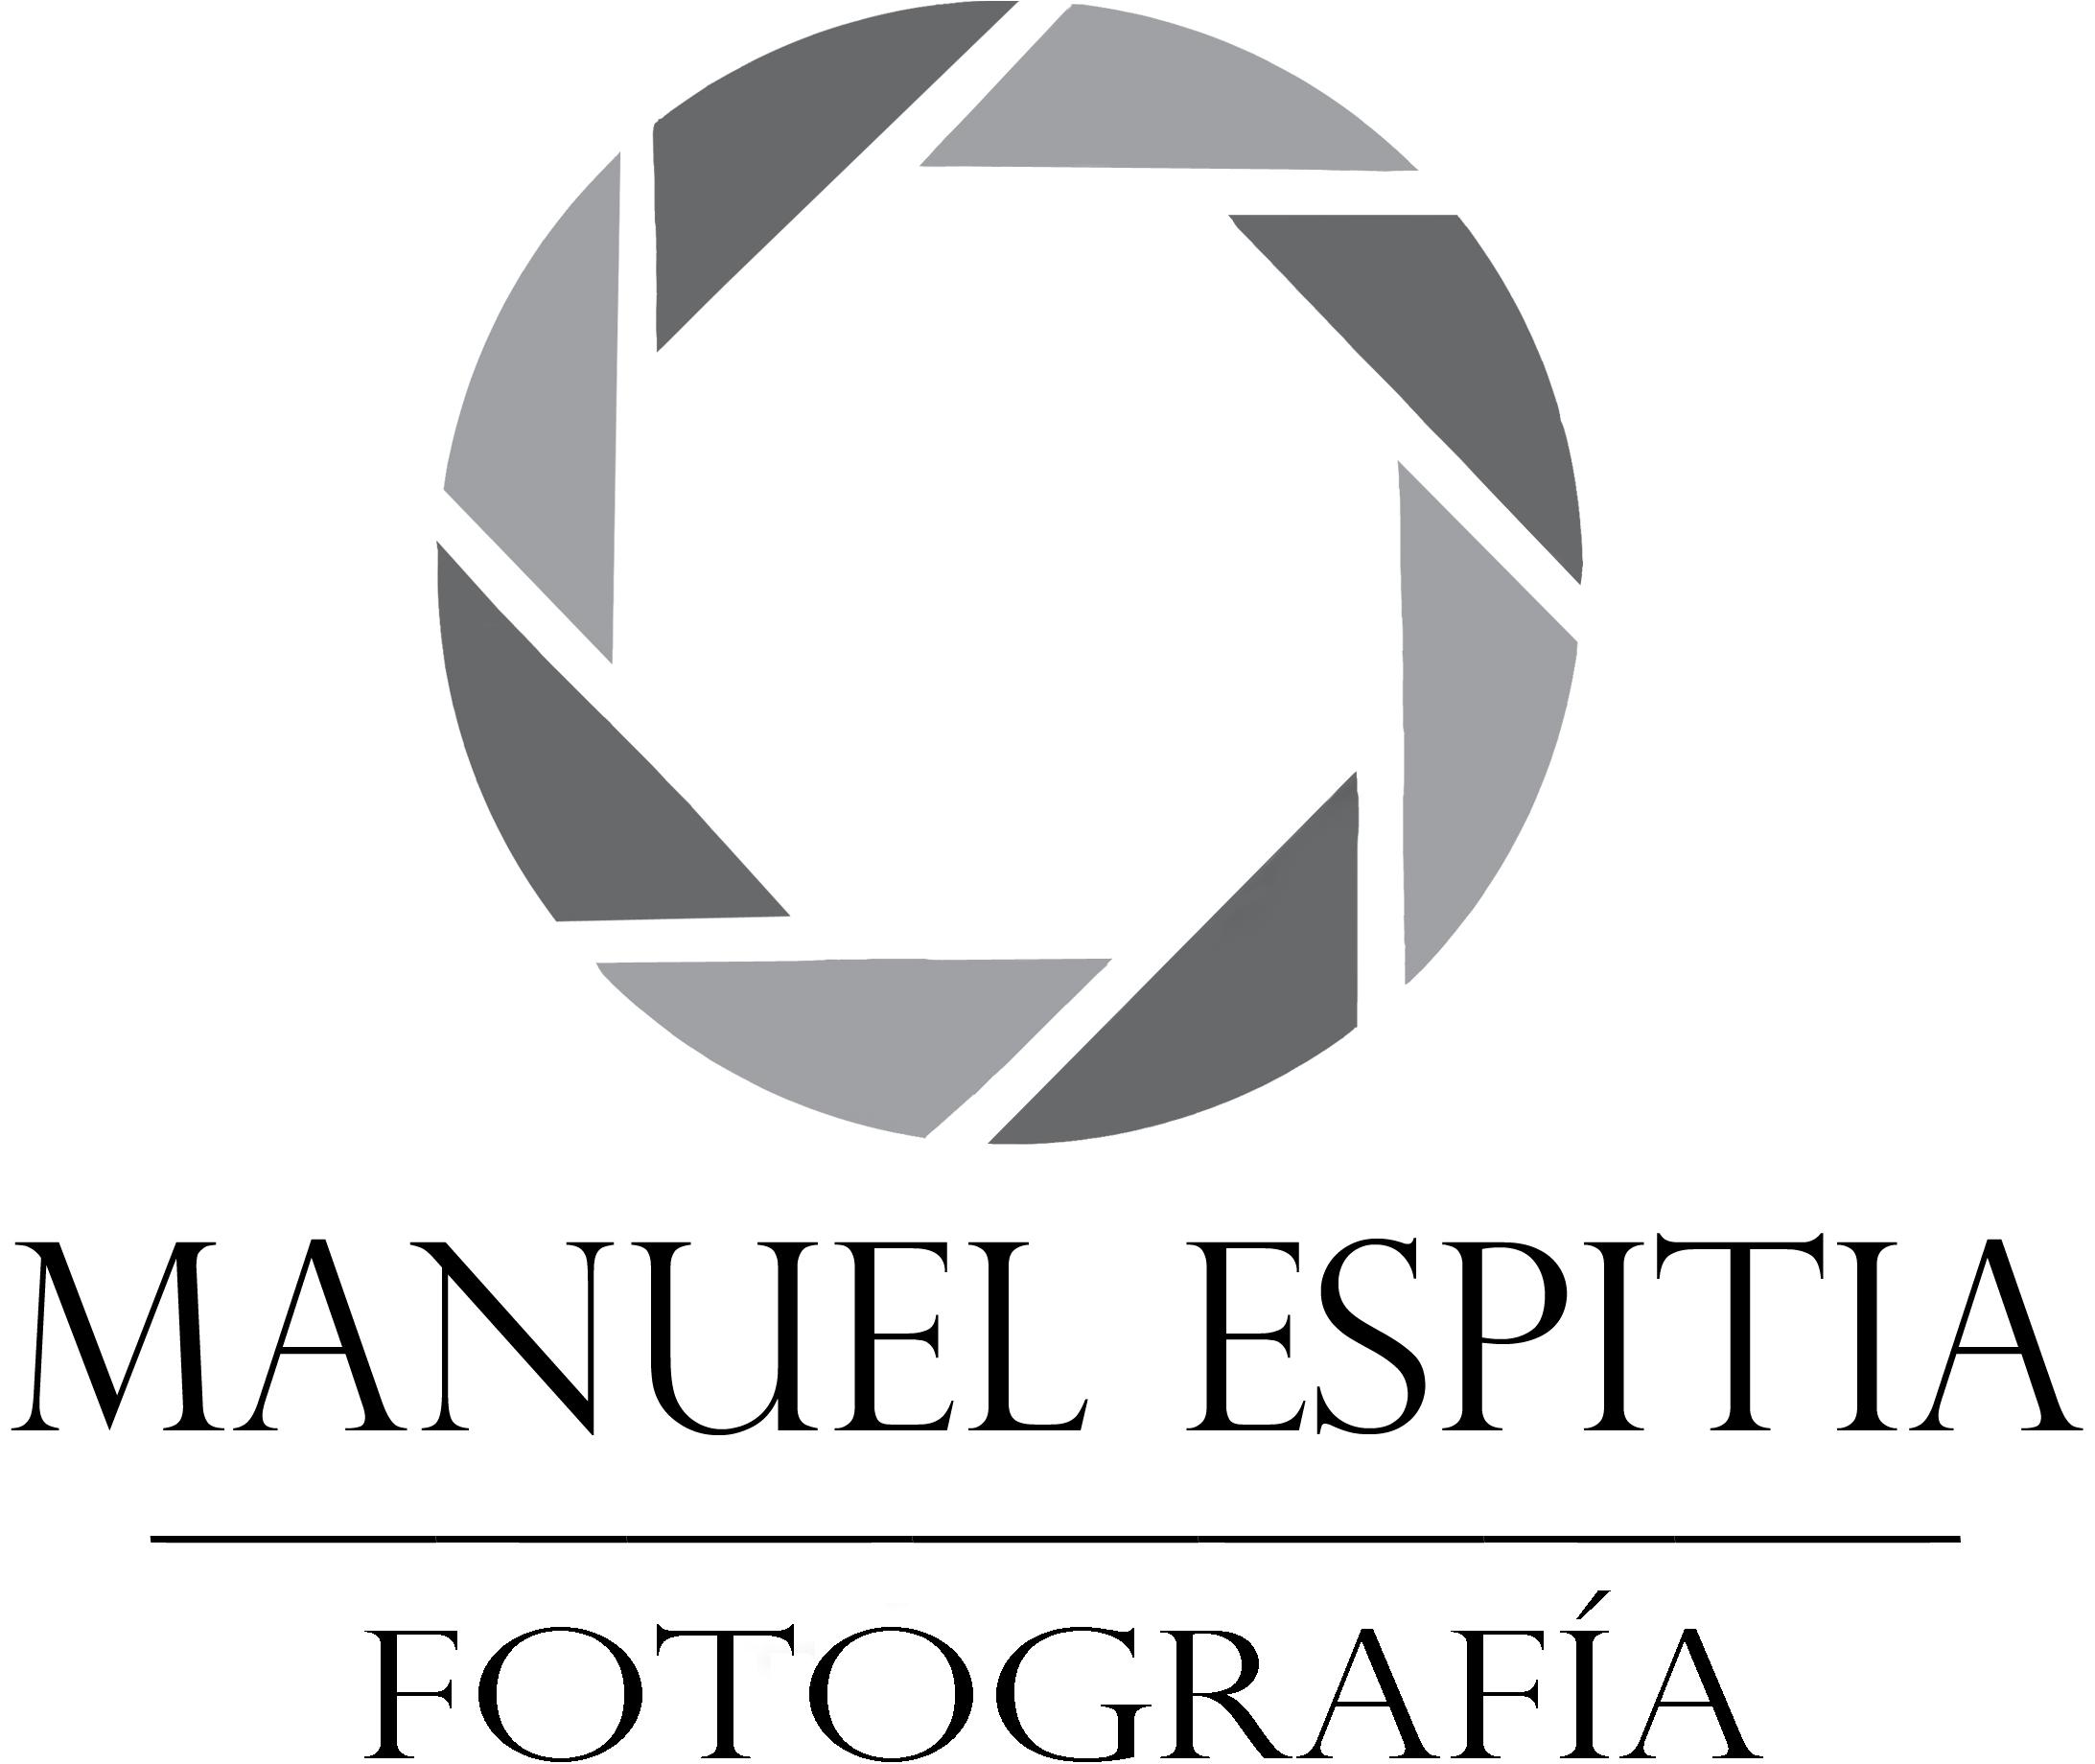 Logotipo de Manuel Espitia Fotografia